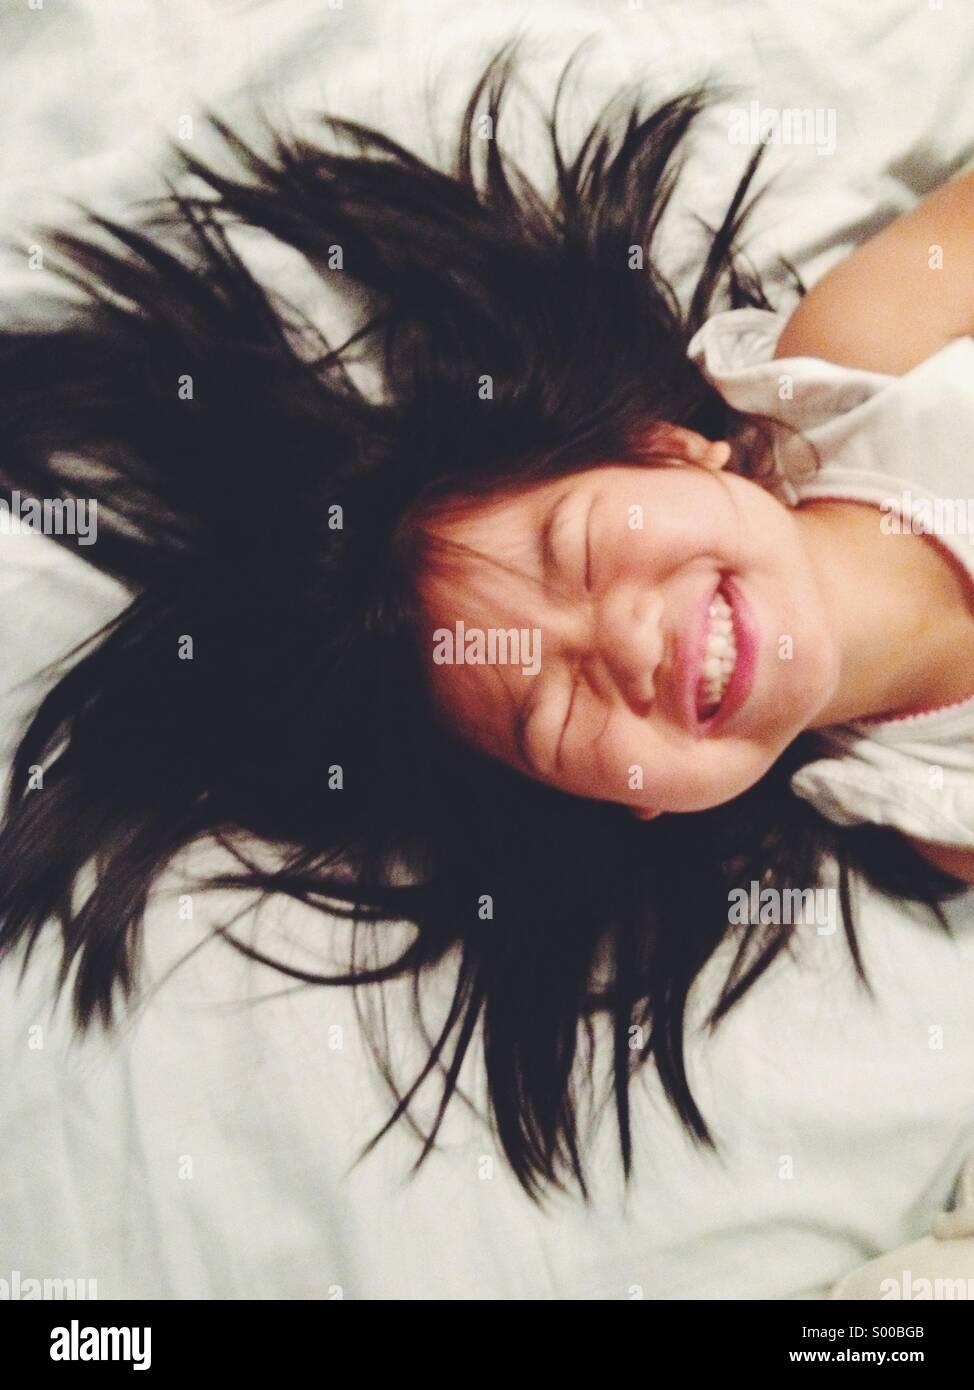 Jeune fille portant sur bed smiling Photo Stock